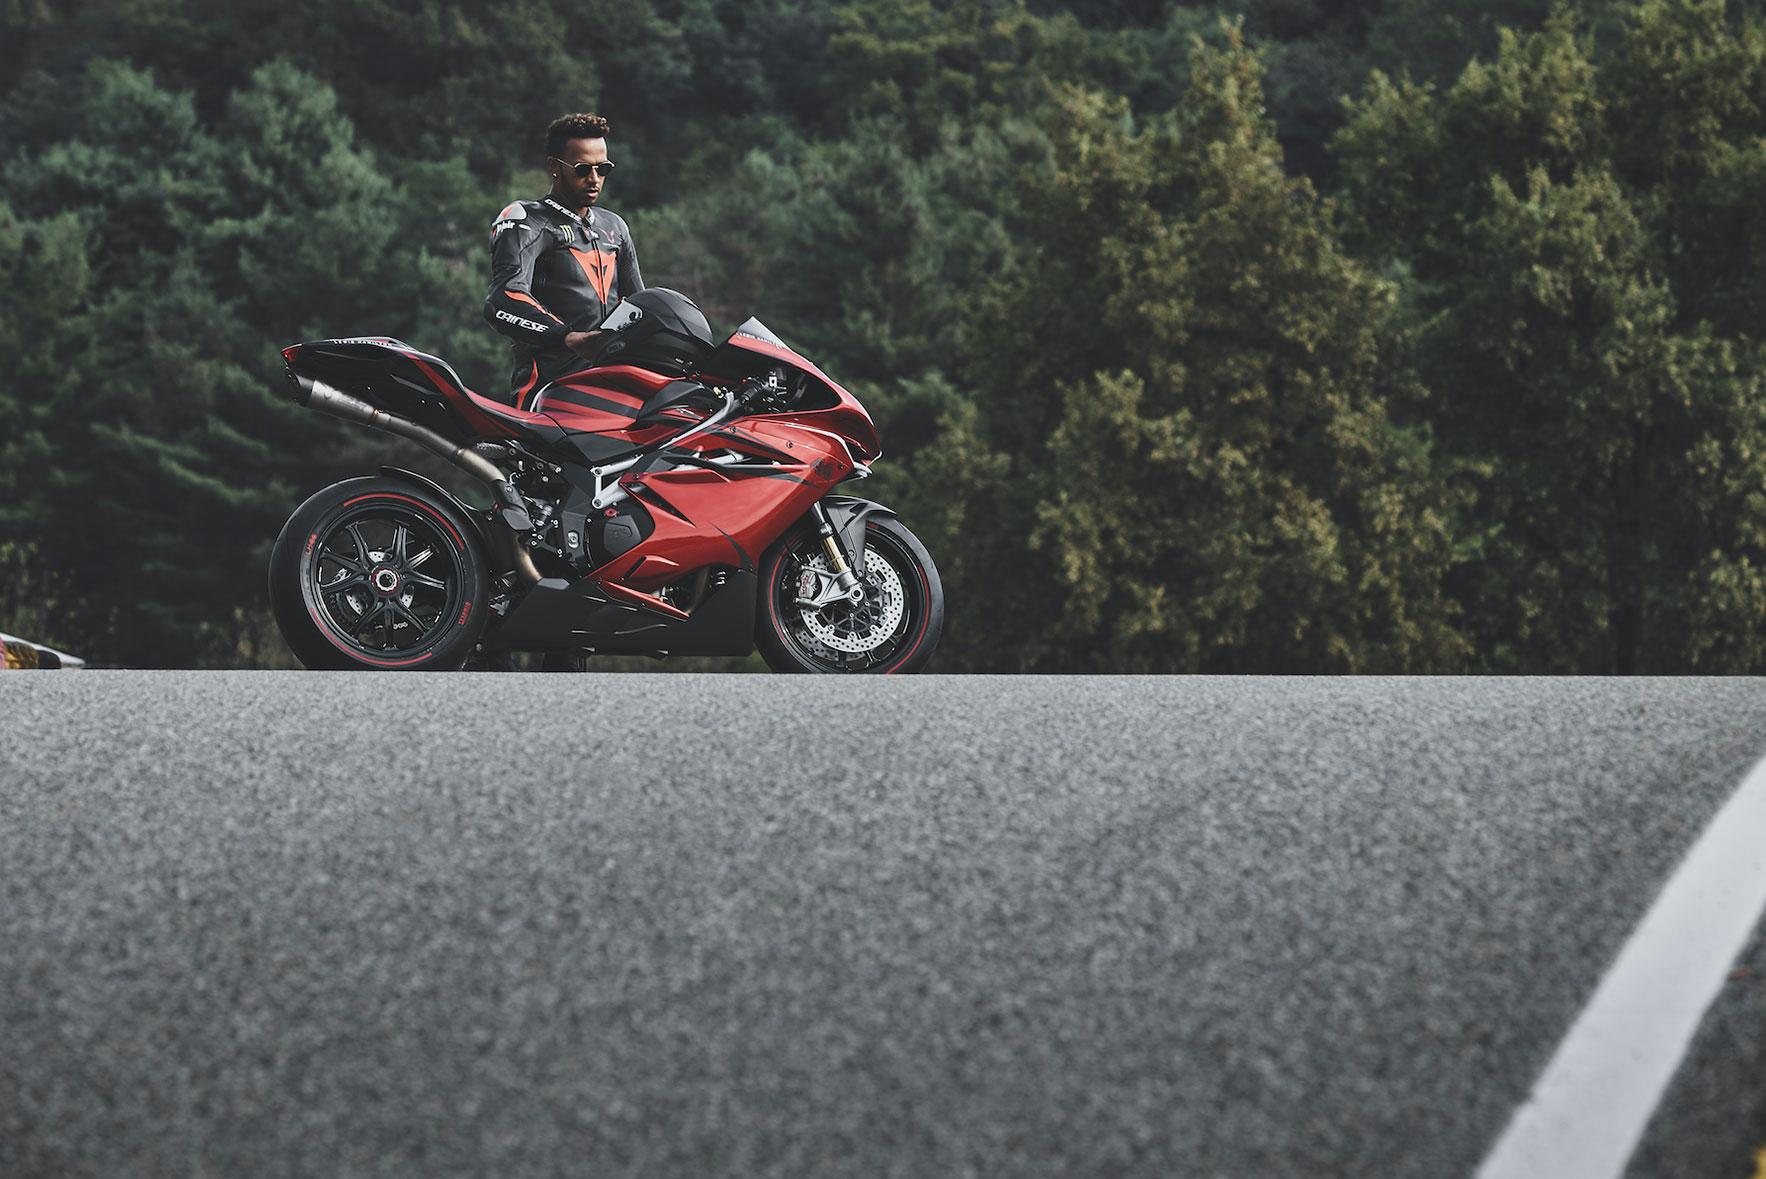 Hamilton provozao sopstvenu specijalnu ediciju MV Agusta (video)